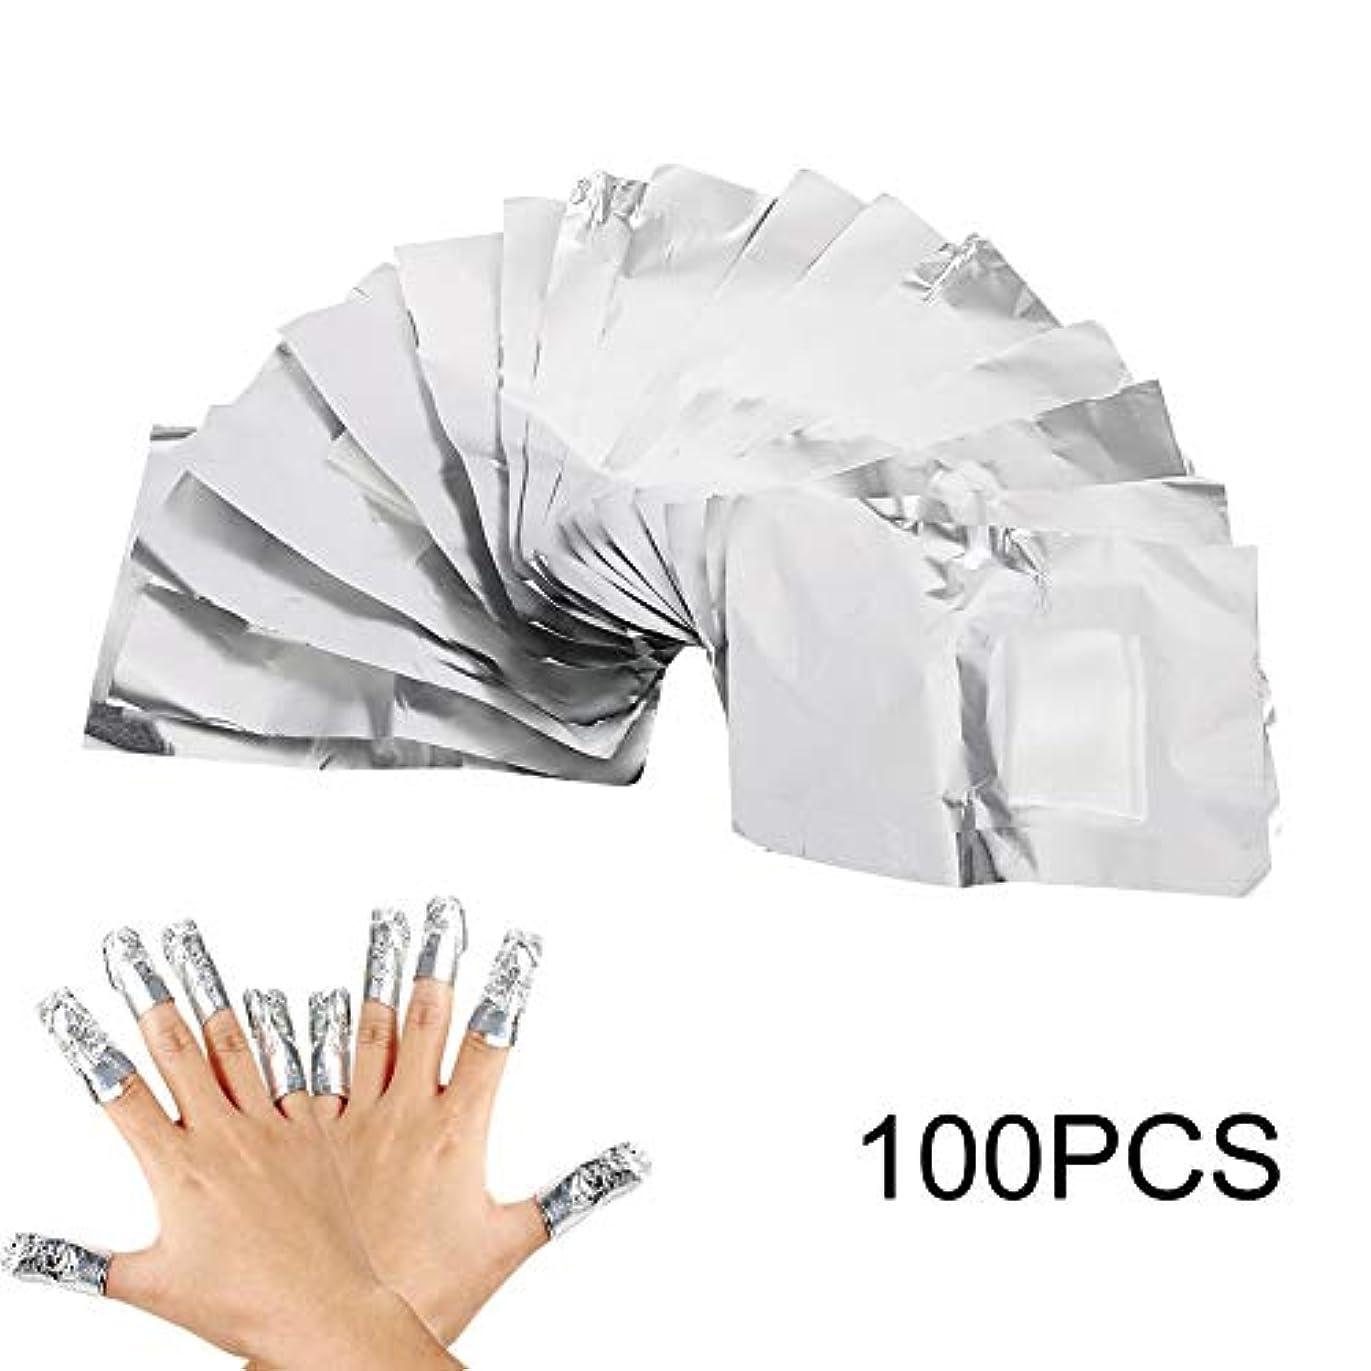 破壊的な満了排出ネイル除去ホイルラップ 100ピース プロアルミホイルジェルポリッシュ除去ネイルアートリムーバーソークオフジェルラップ